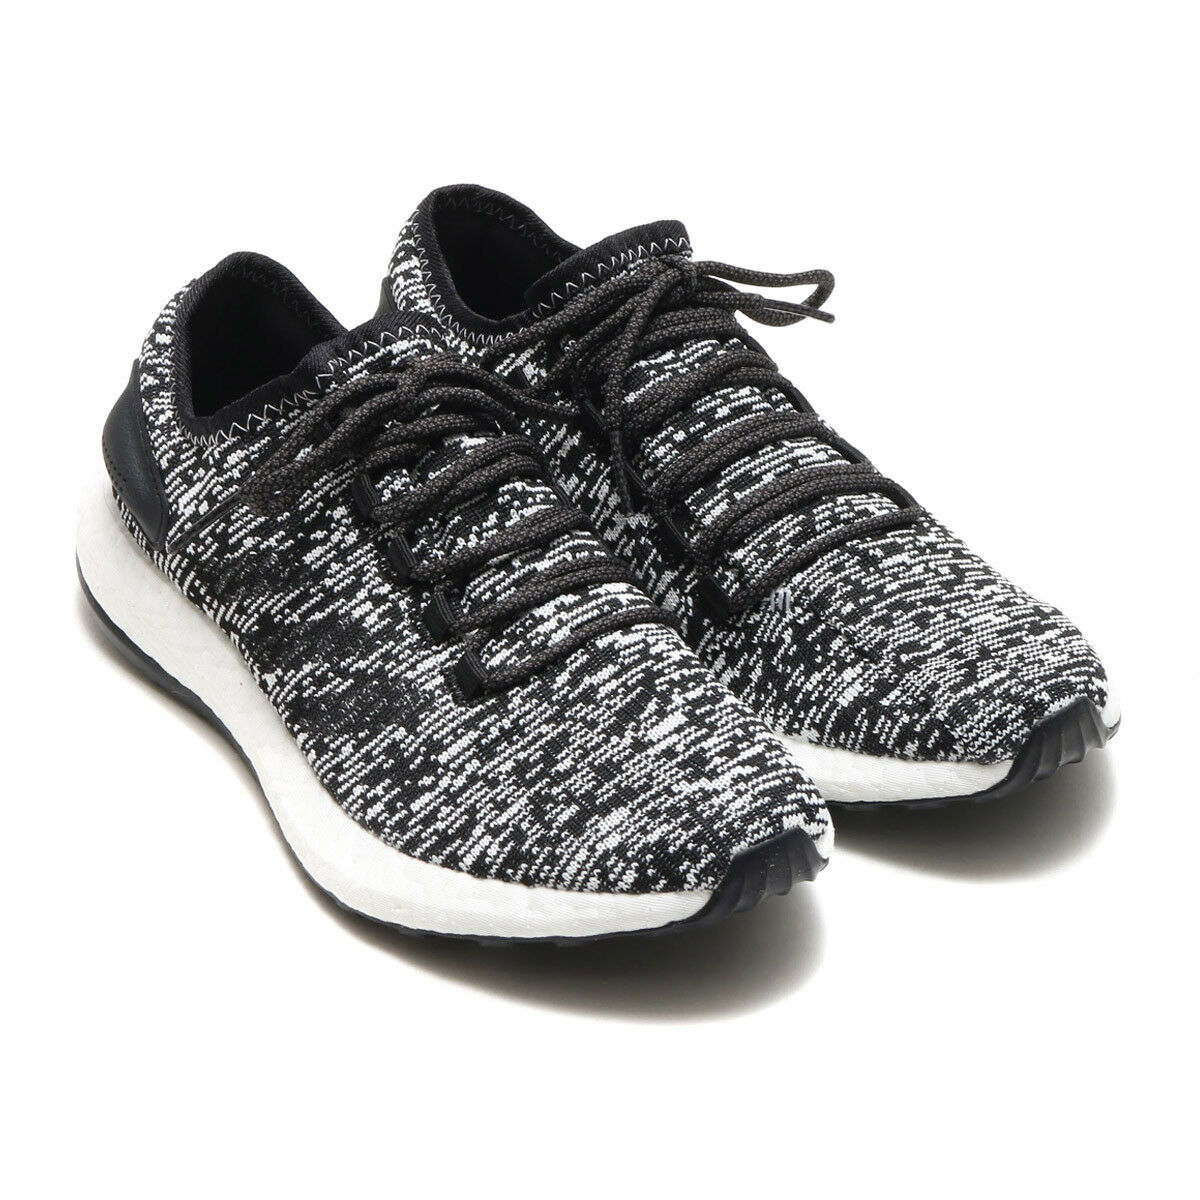 Παπούτσια Running Shoes Adidas PureBOOST μΡγέθους 7 έως 13 us S81995